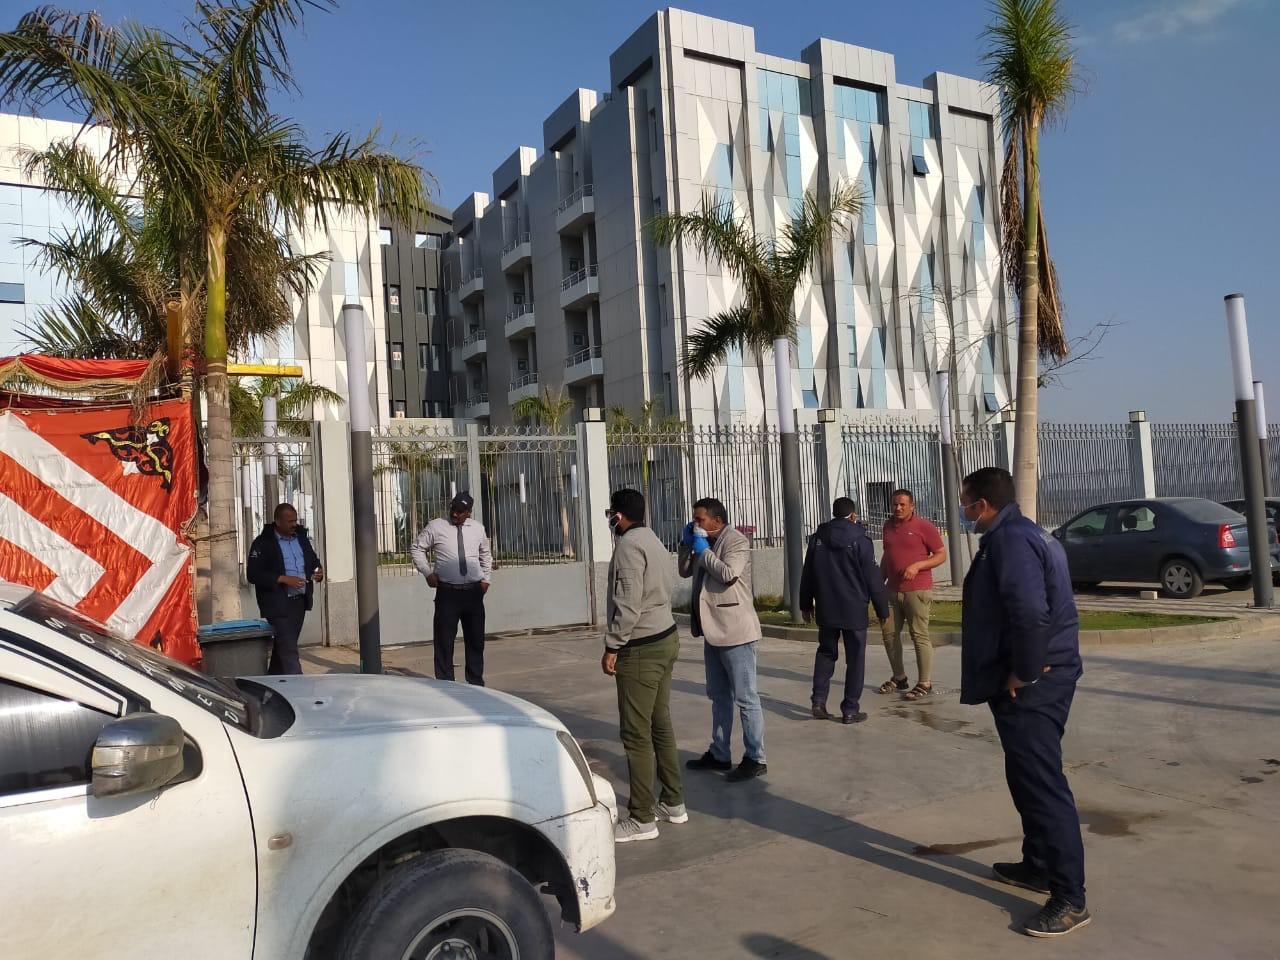 تعقيم وتطهير مستشفى أبو خليفة للحجر الصحى بالإسماعيلية (5)